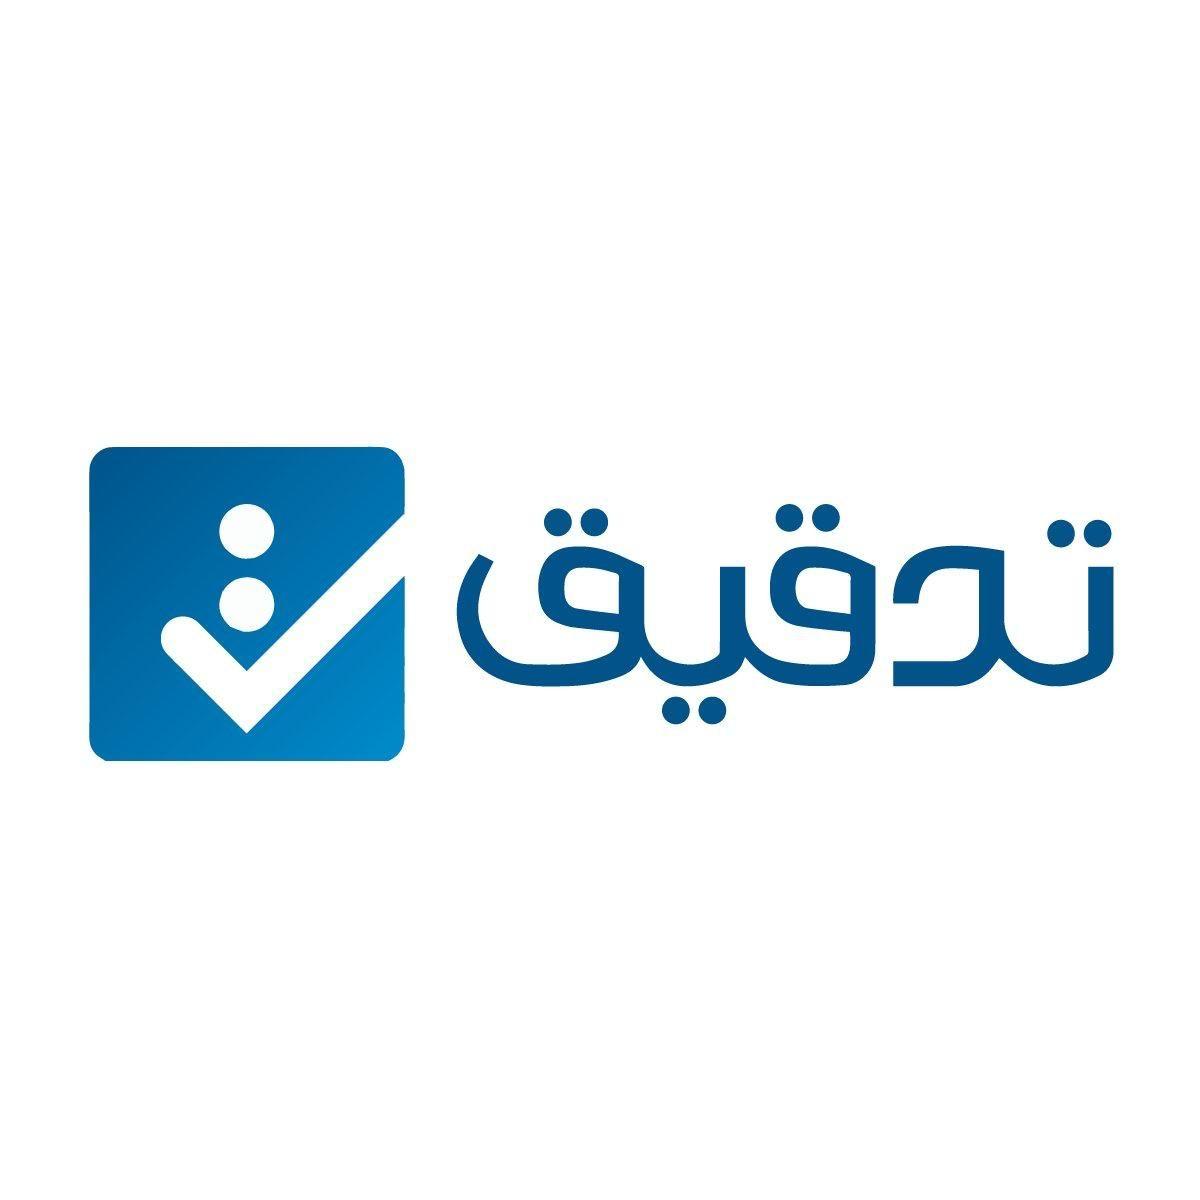 """المحاسبون القانونييون في """"تدقيق"""" يخدمون مشروعك بكل احترافية.@tadqiqsa http://buff.ly/2NNvf15#تدقيق_يساعدك"""